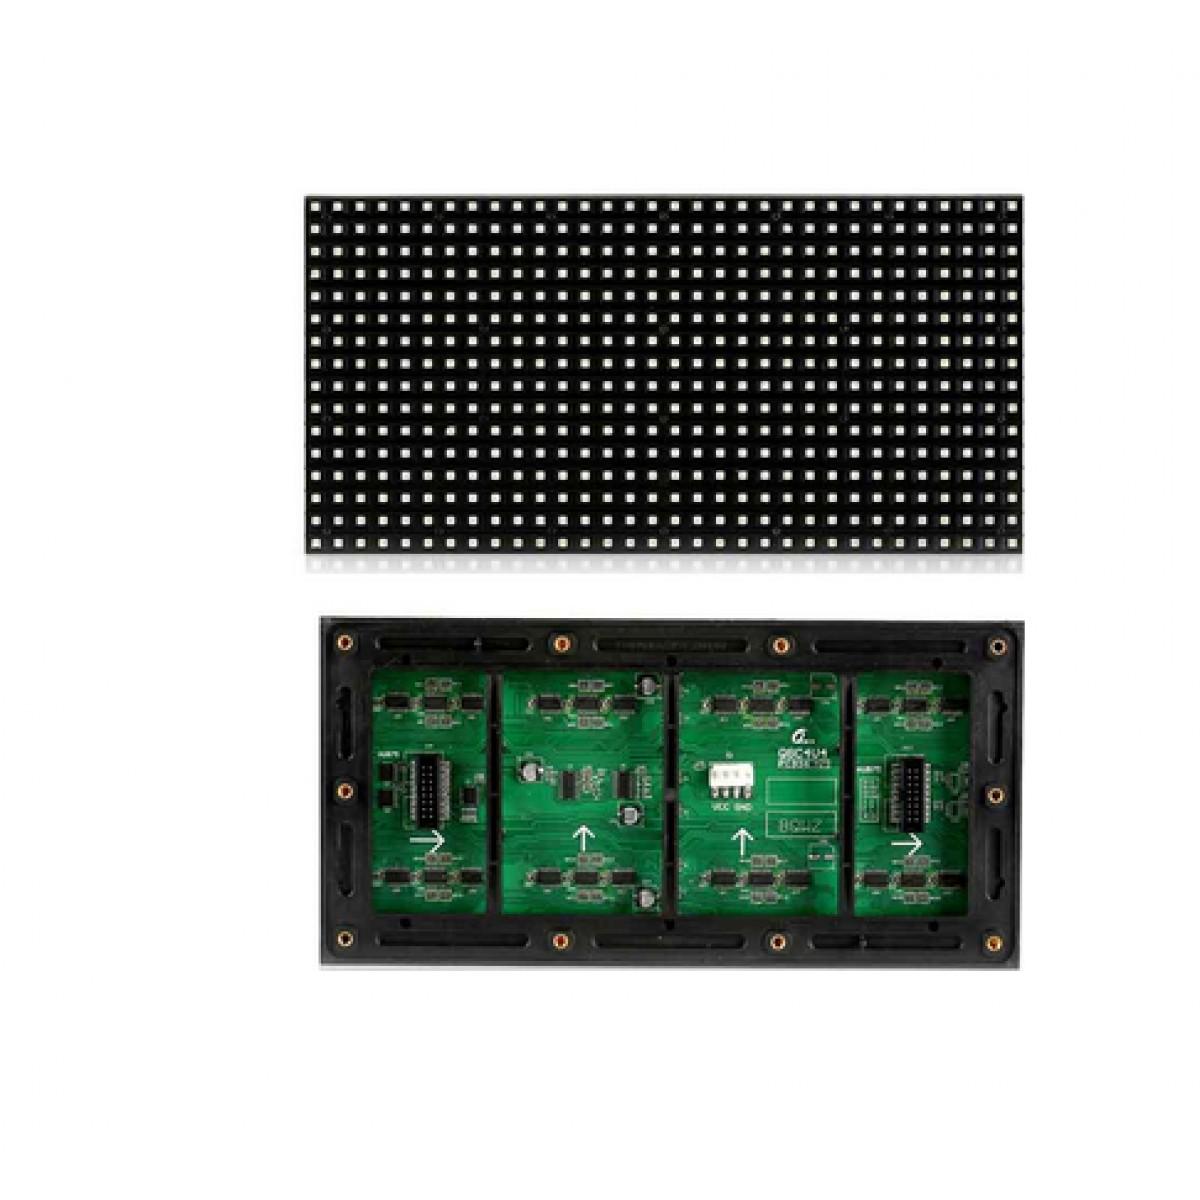 户外表贴全彩Q5-E单板分辨率64*32单板尺寸320*160扫描方式1/8